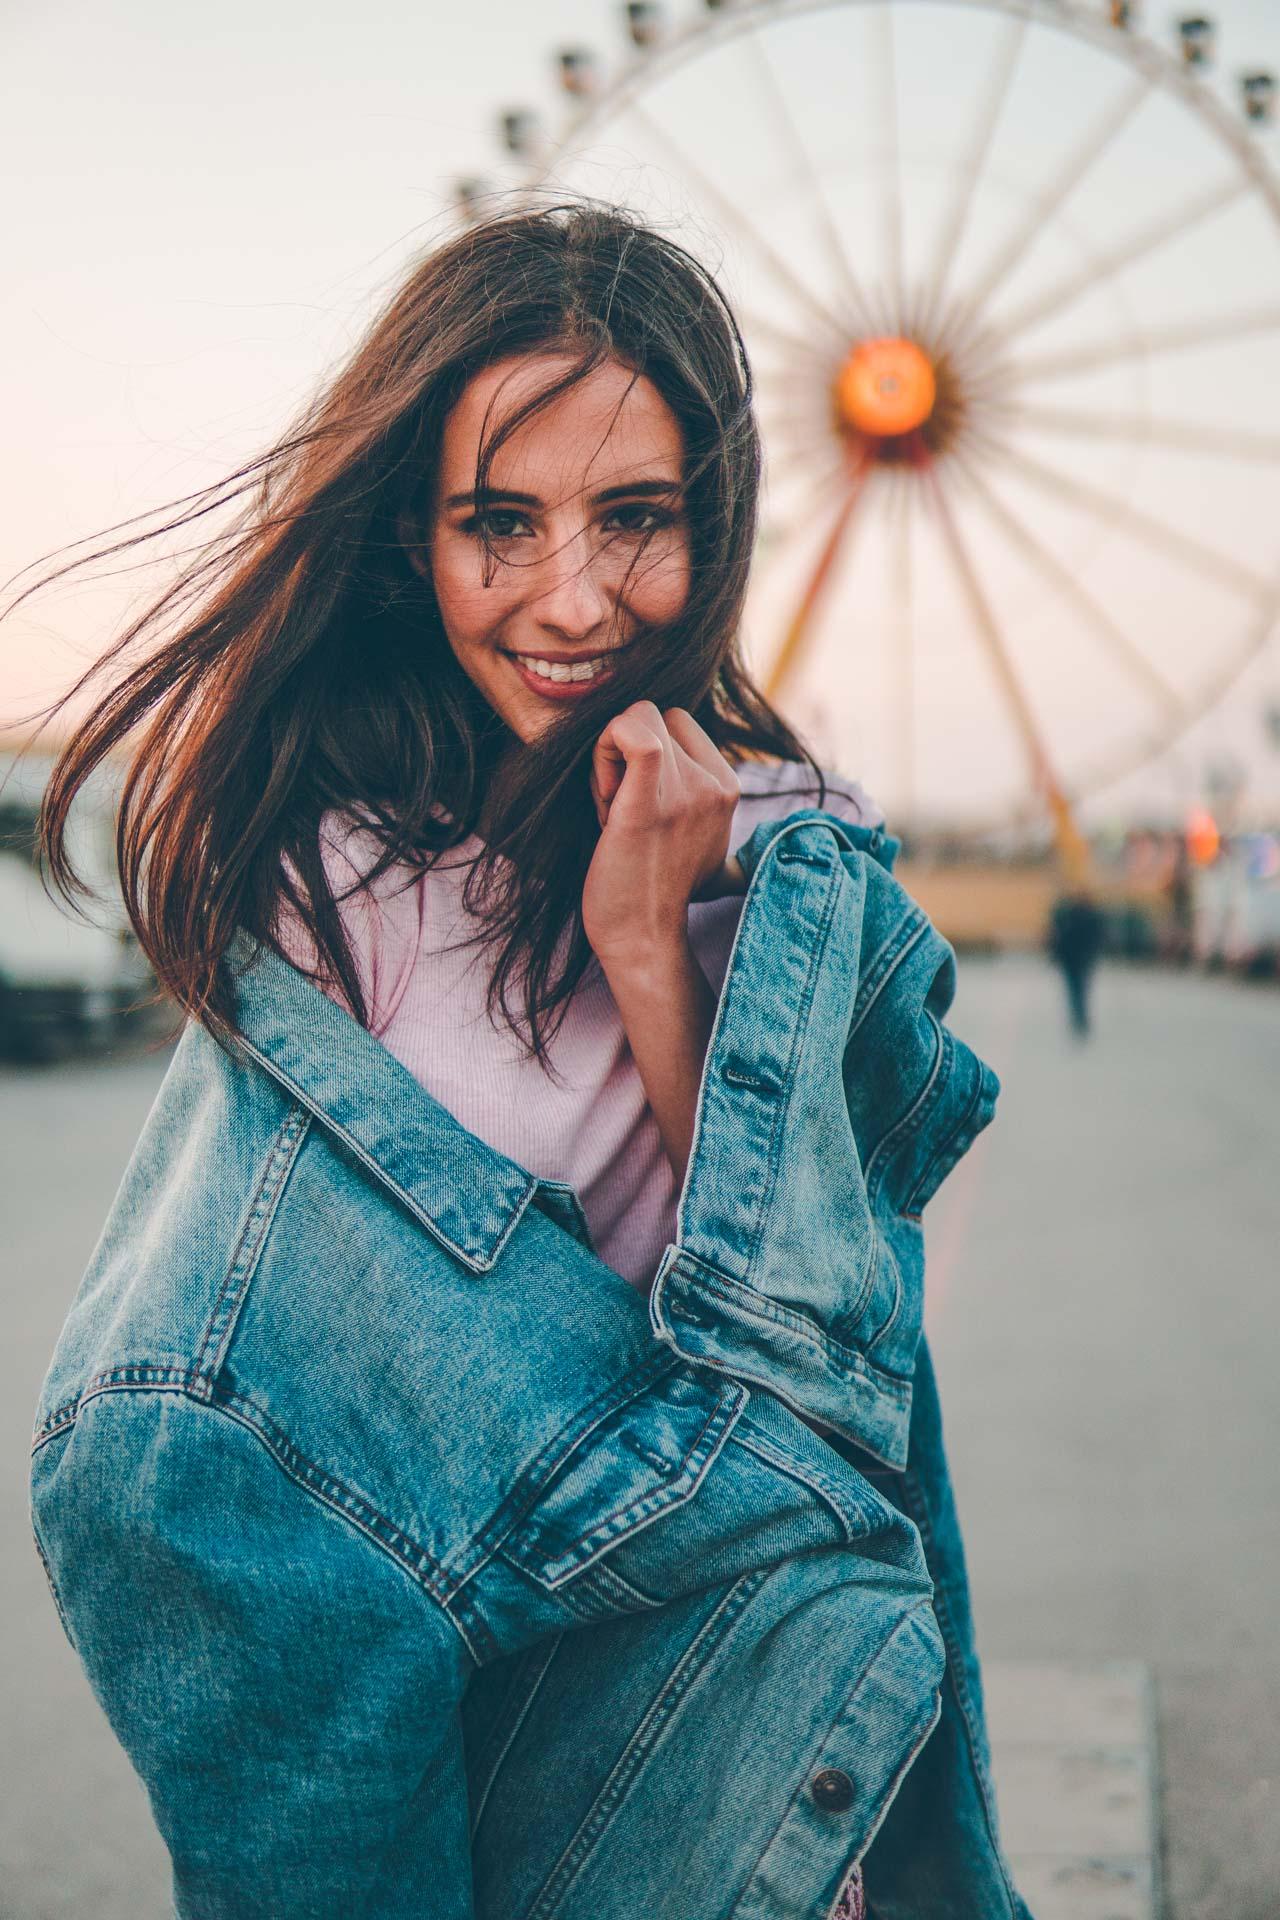 Lächelndes Mädchen mit Jeansjacke vor Reisenrad posiert für Lifestyle Shooting